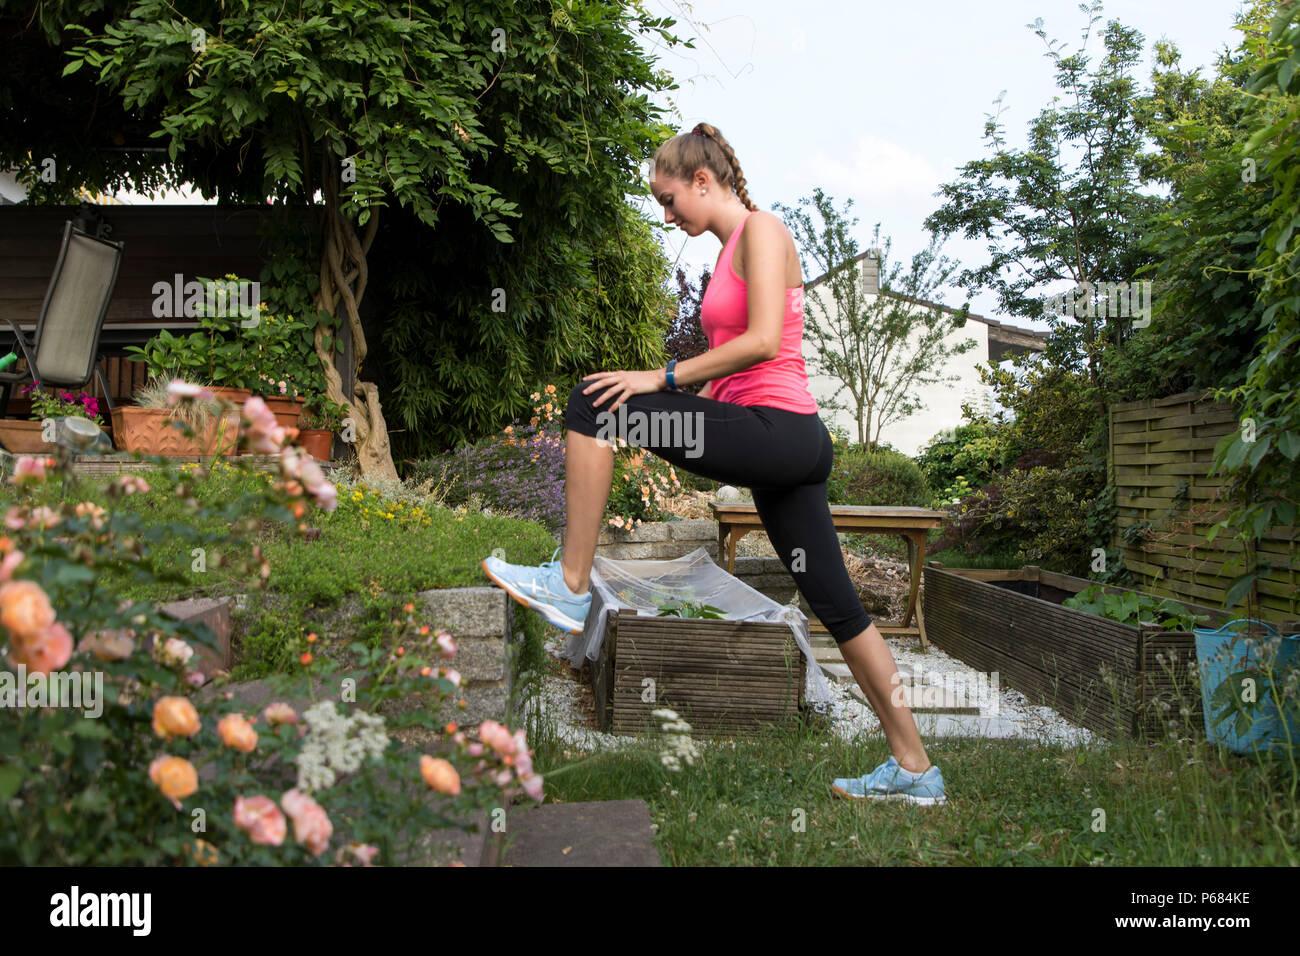 Mujer joven hacer ejercicios de estiramiento, antes de ejecutar una prueba de endurance, trotar, Foto de stock